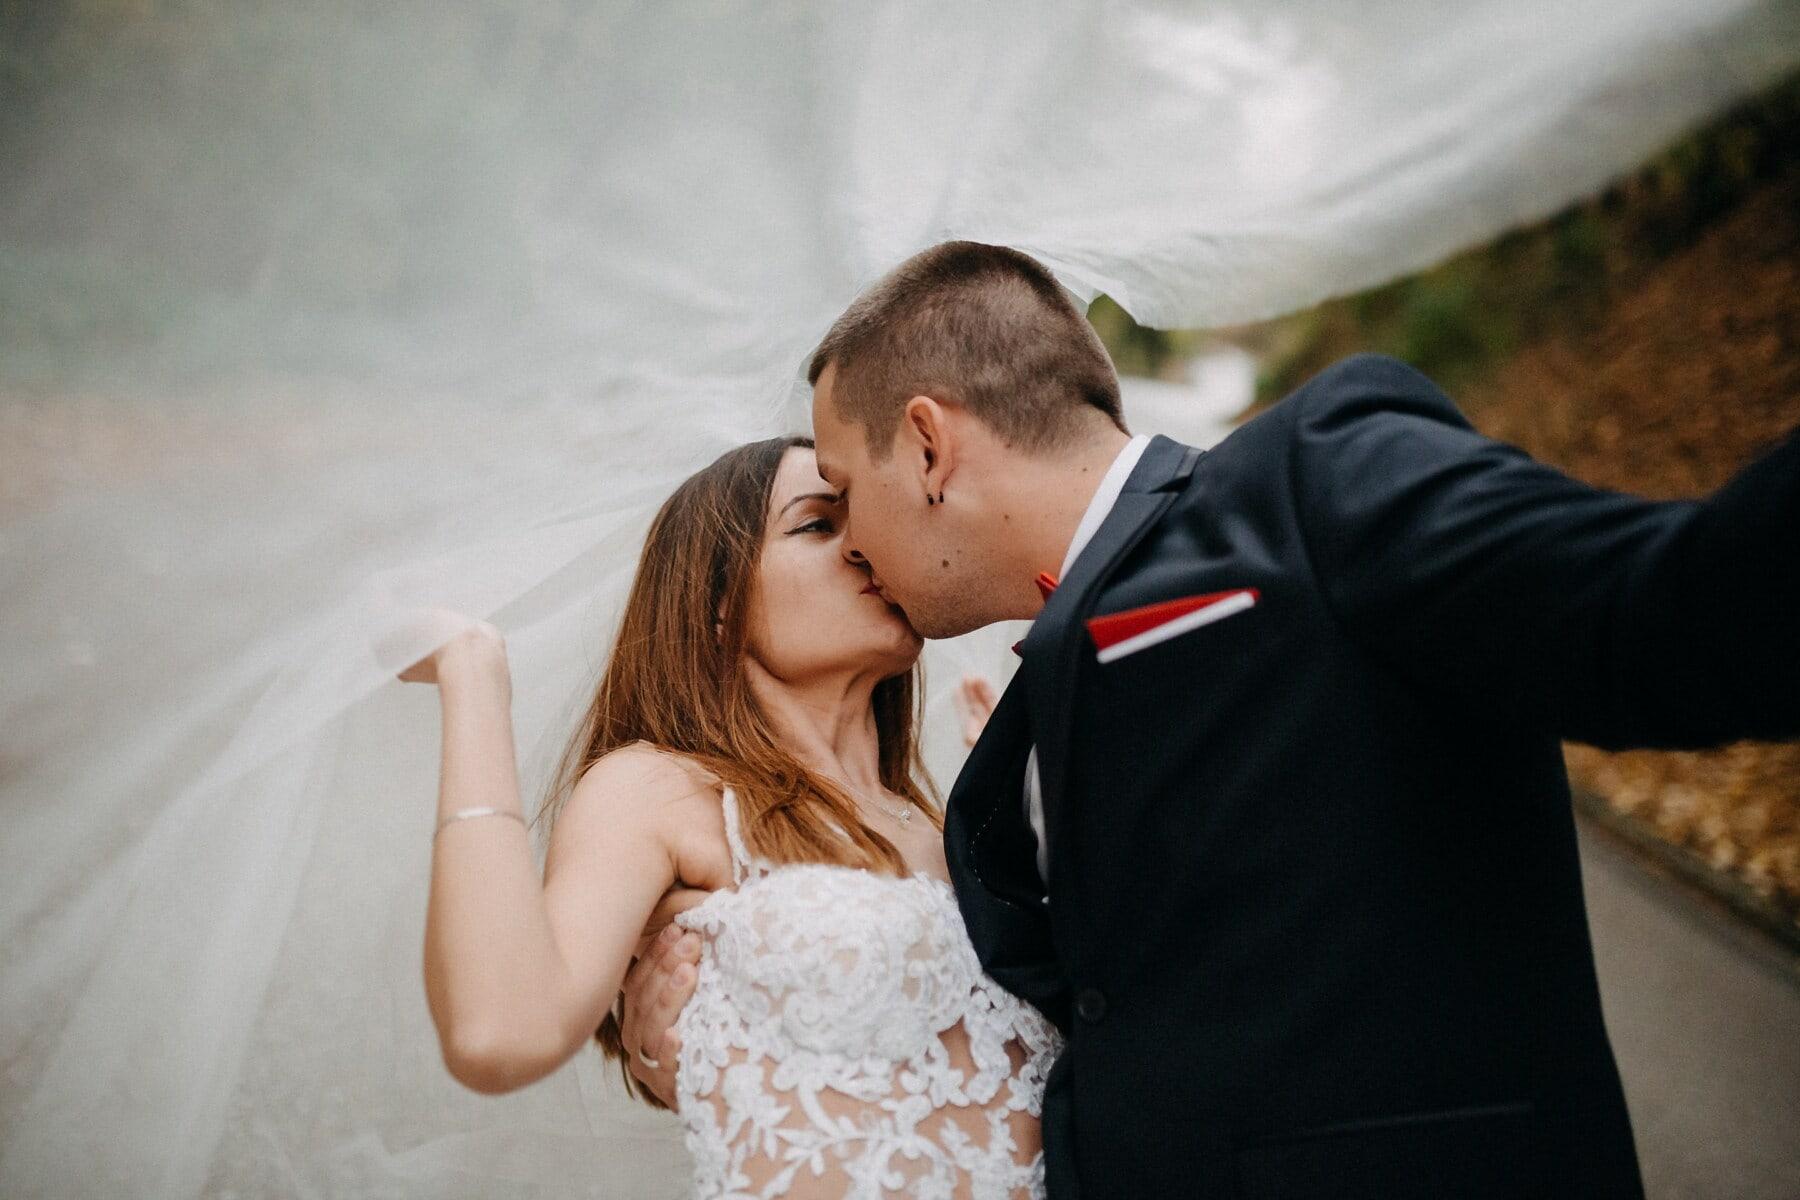 femme, mari, tout juste marié, baiser, voile, robe de mariée, en dessous, mariage, femme, la mariée